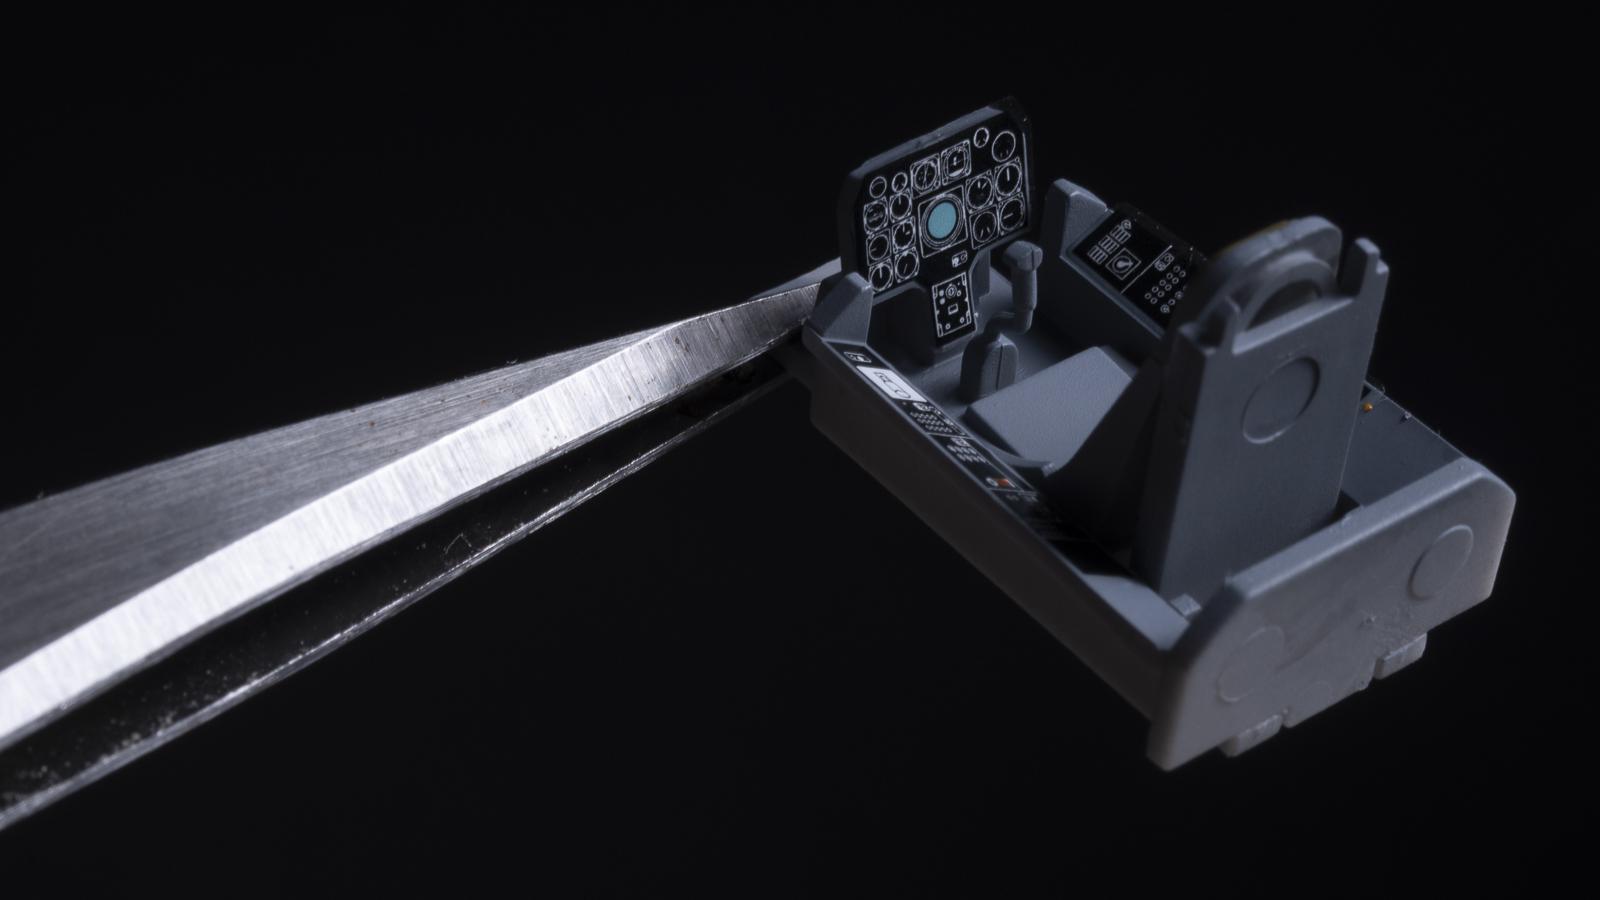 飛行機プラモの合わせ目、横から見たら見えない説_b0029315_16450332.jpg